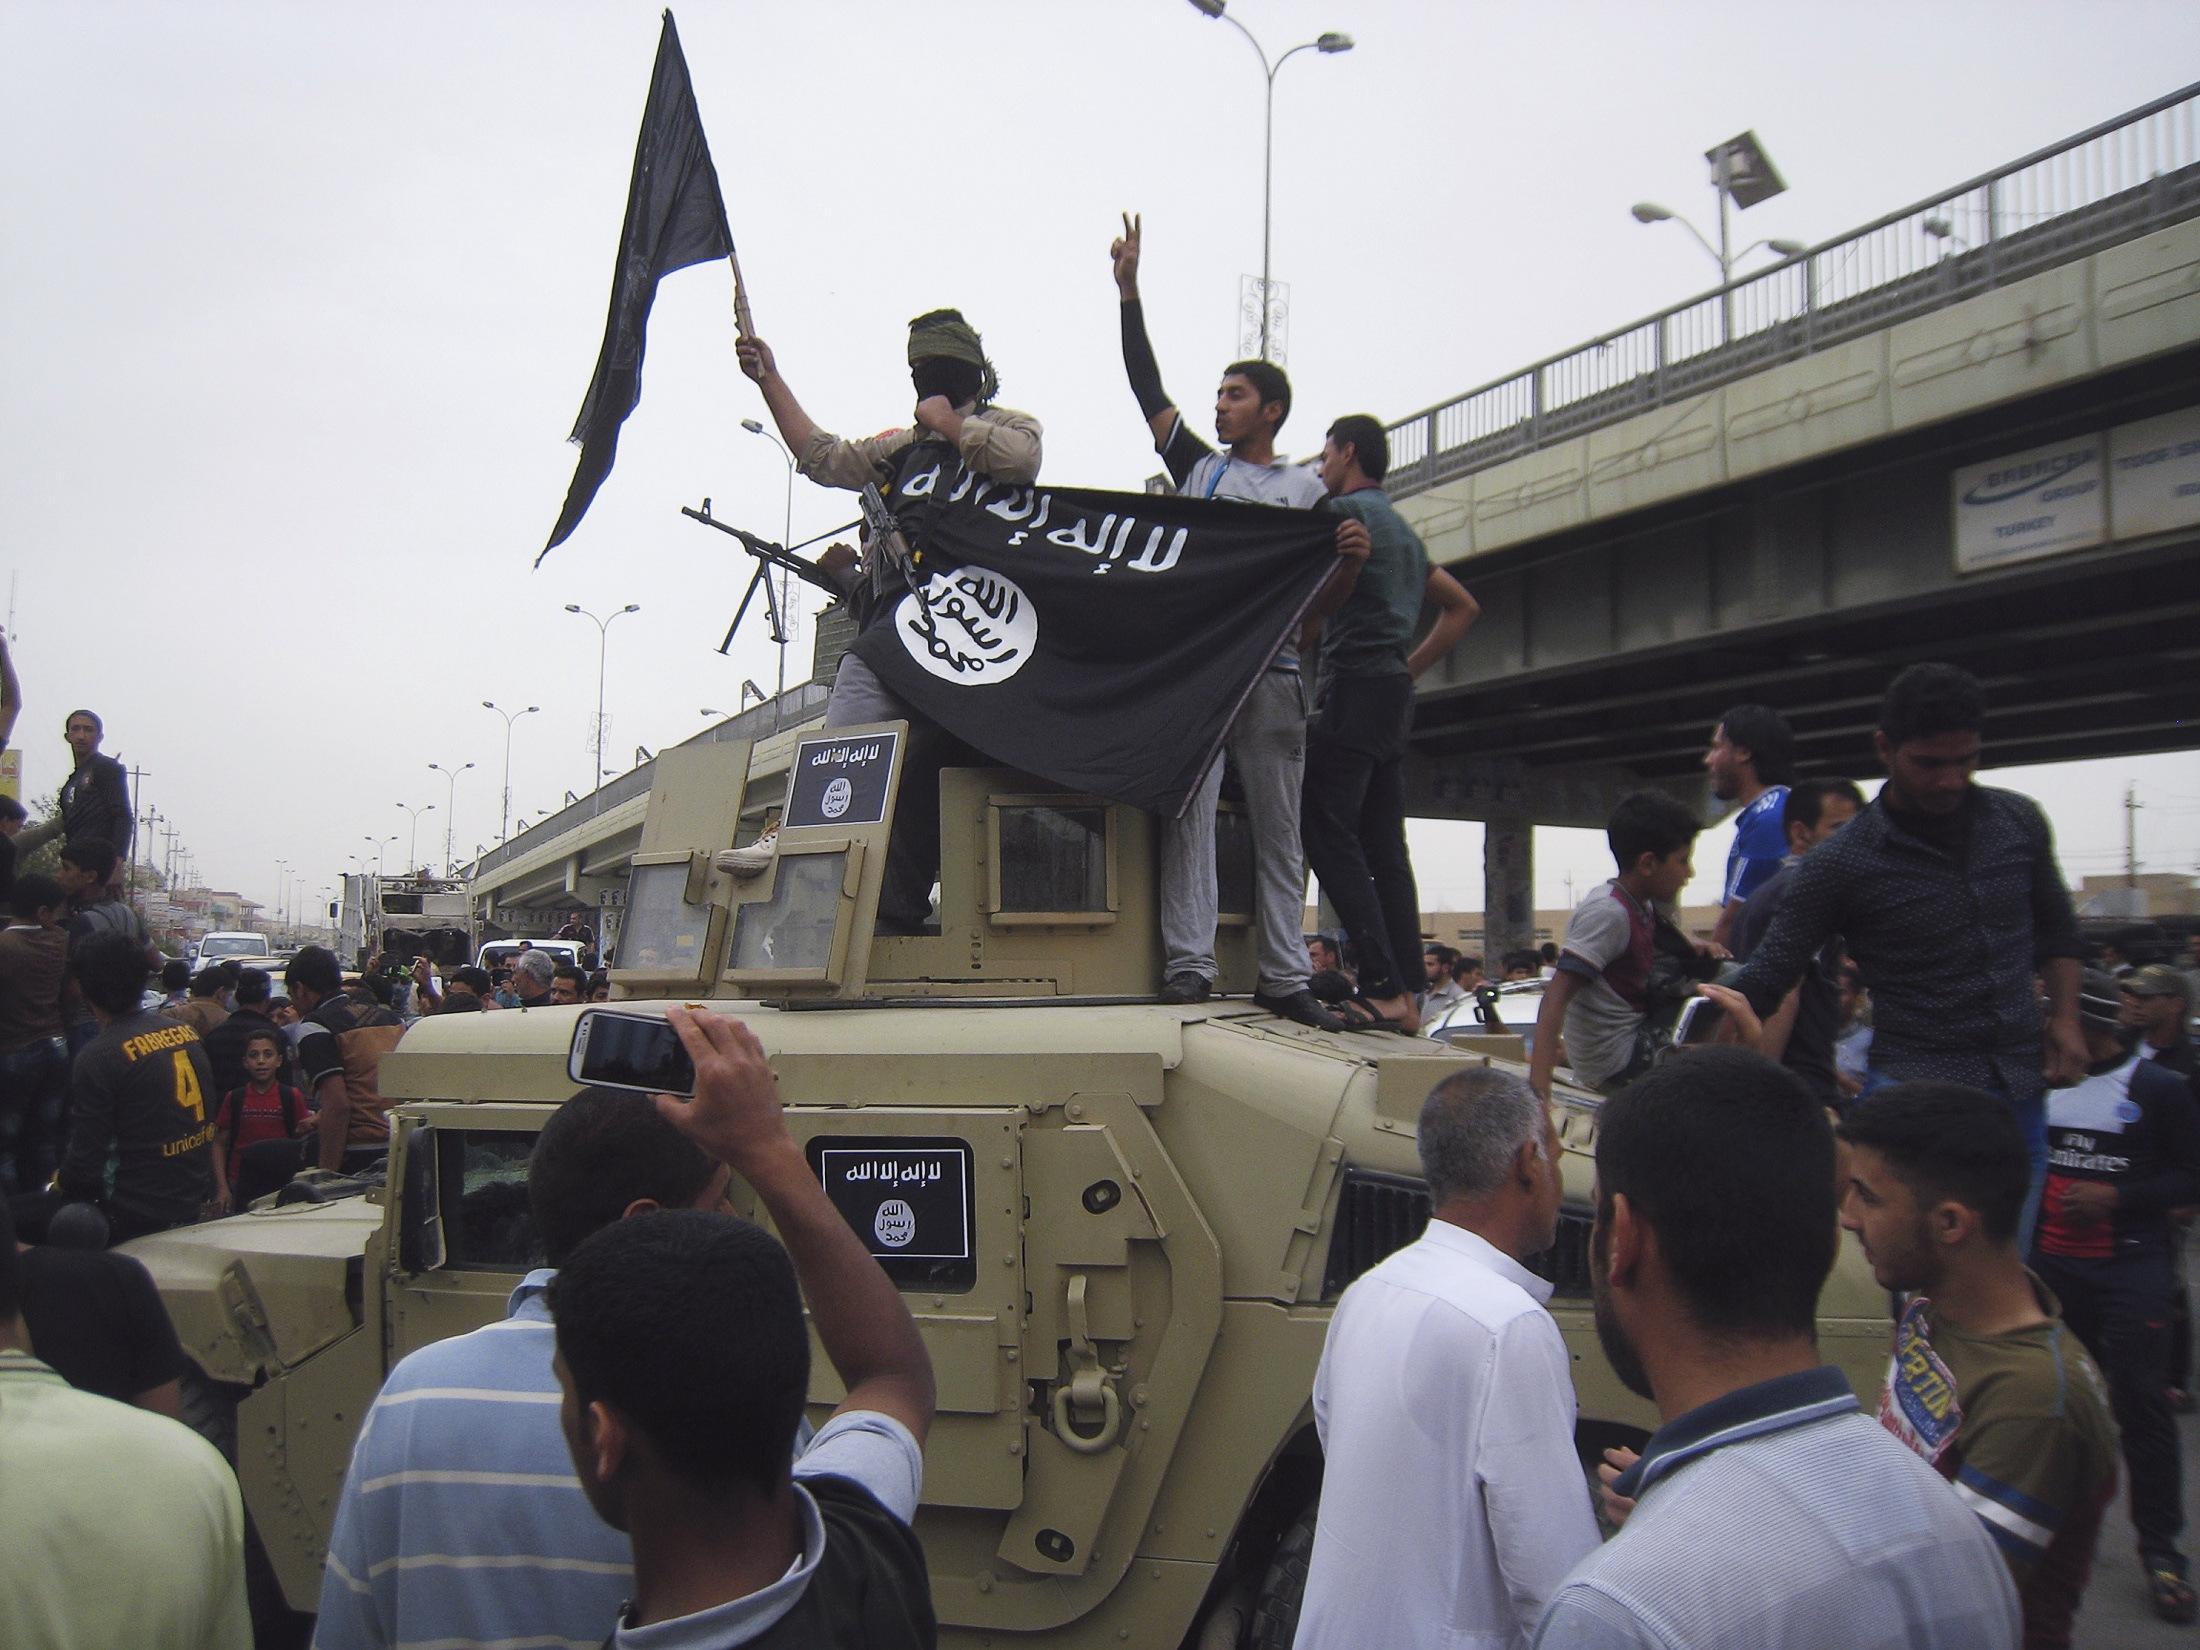 نيويورك تايمز: أيام صعبة تنتظر القوات العراقية في الفلوجة